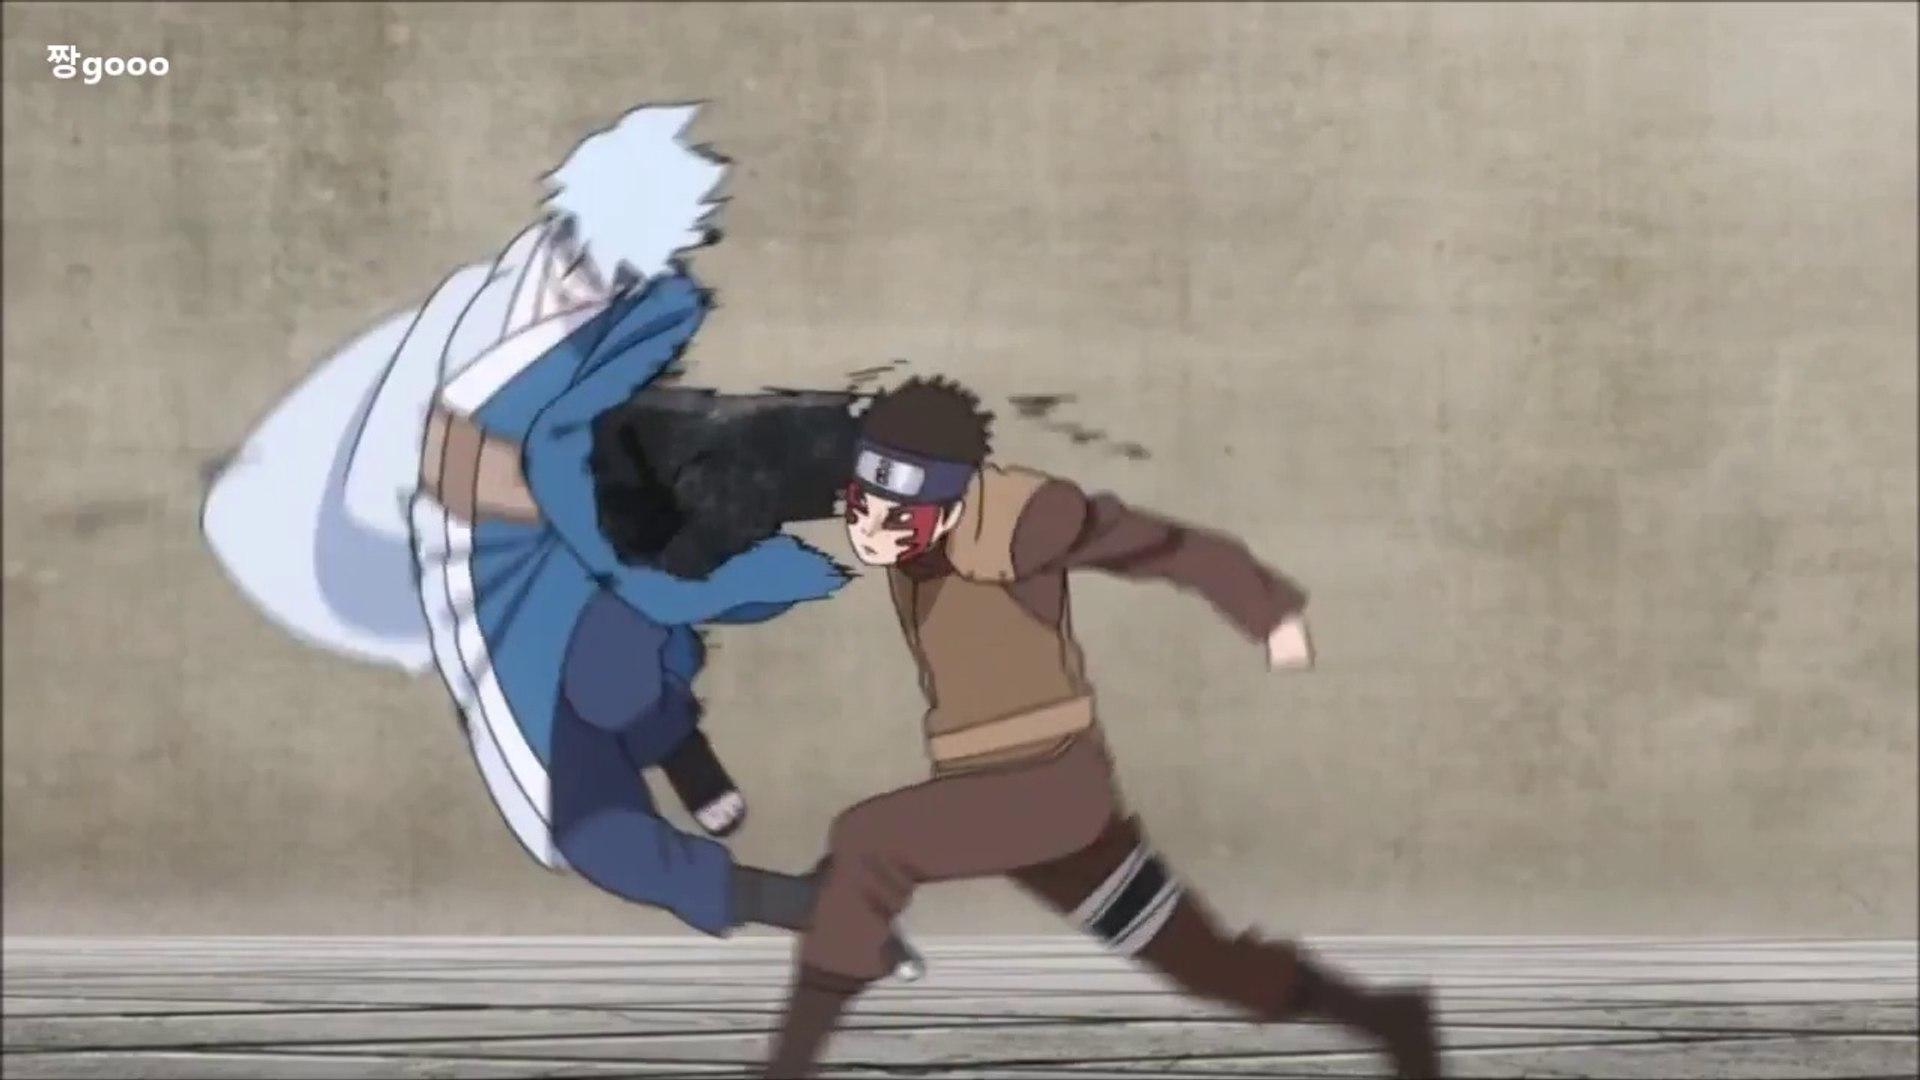 Sasori vence Kakuzu e eu posso provar! - Página 4 X1080